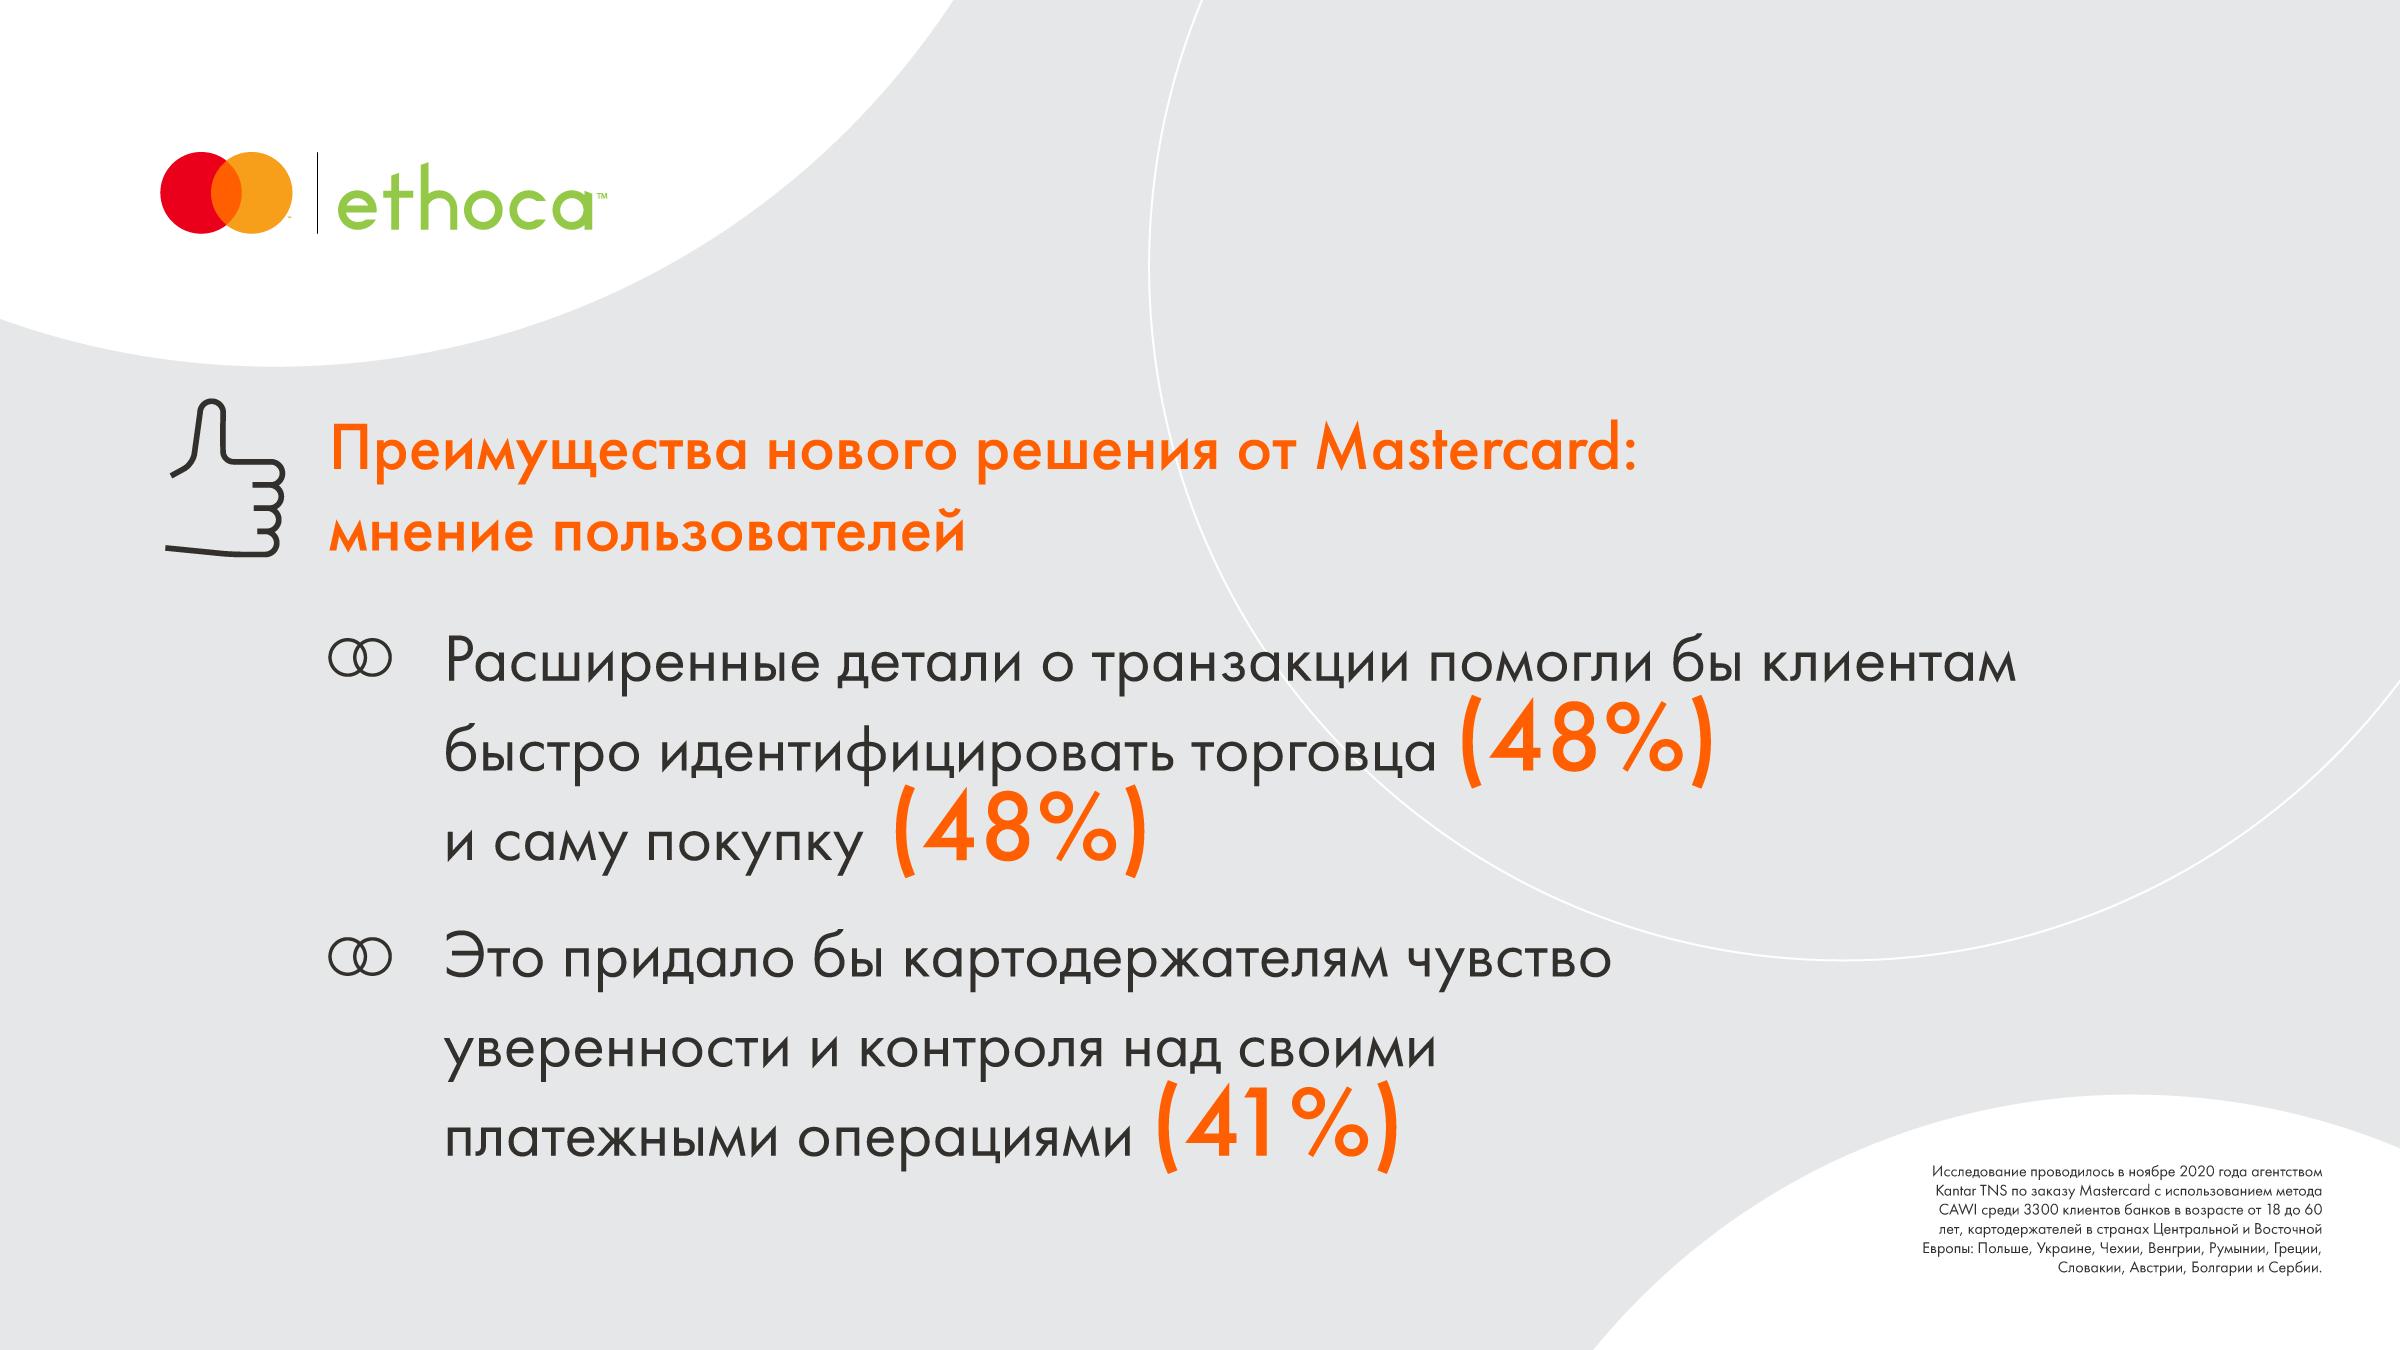 Исследование Mastercard: клиенты хотят получать больше деталей о своих покупках в цифровом банкинге